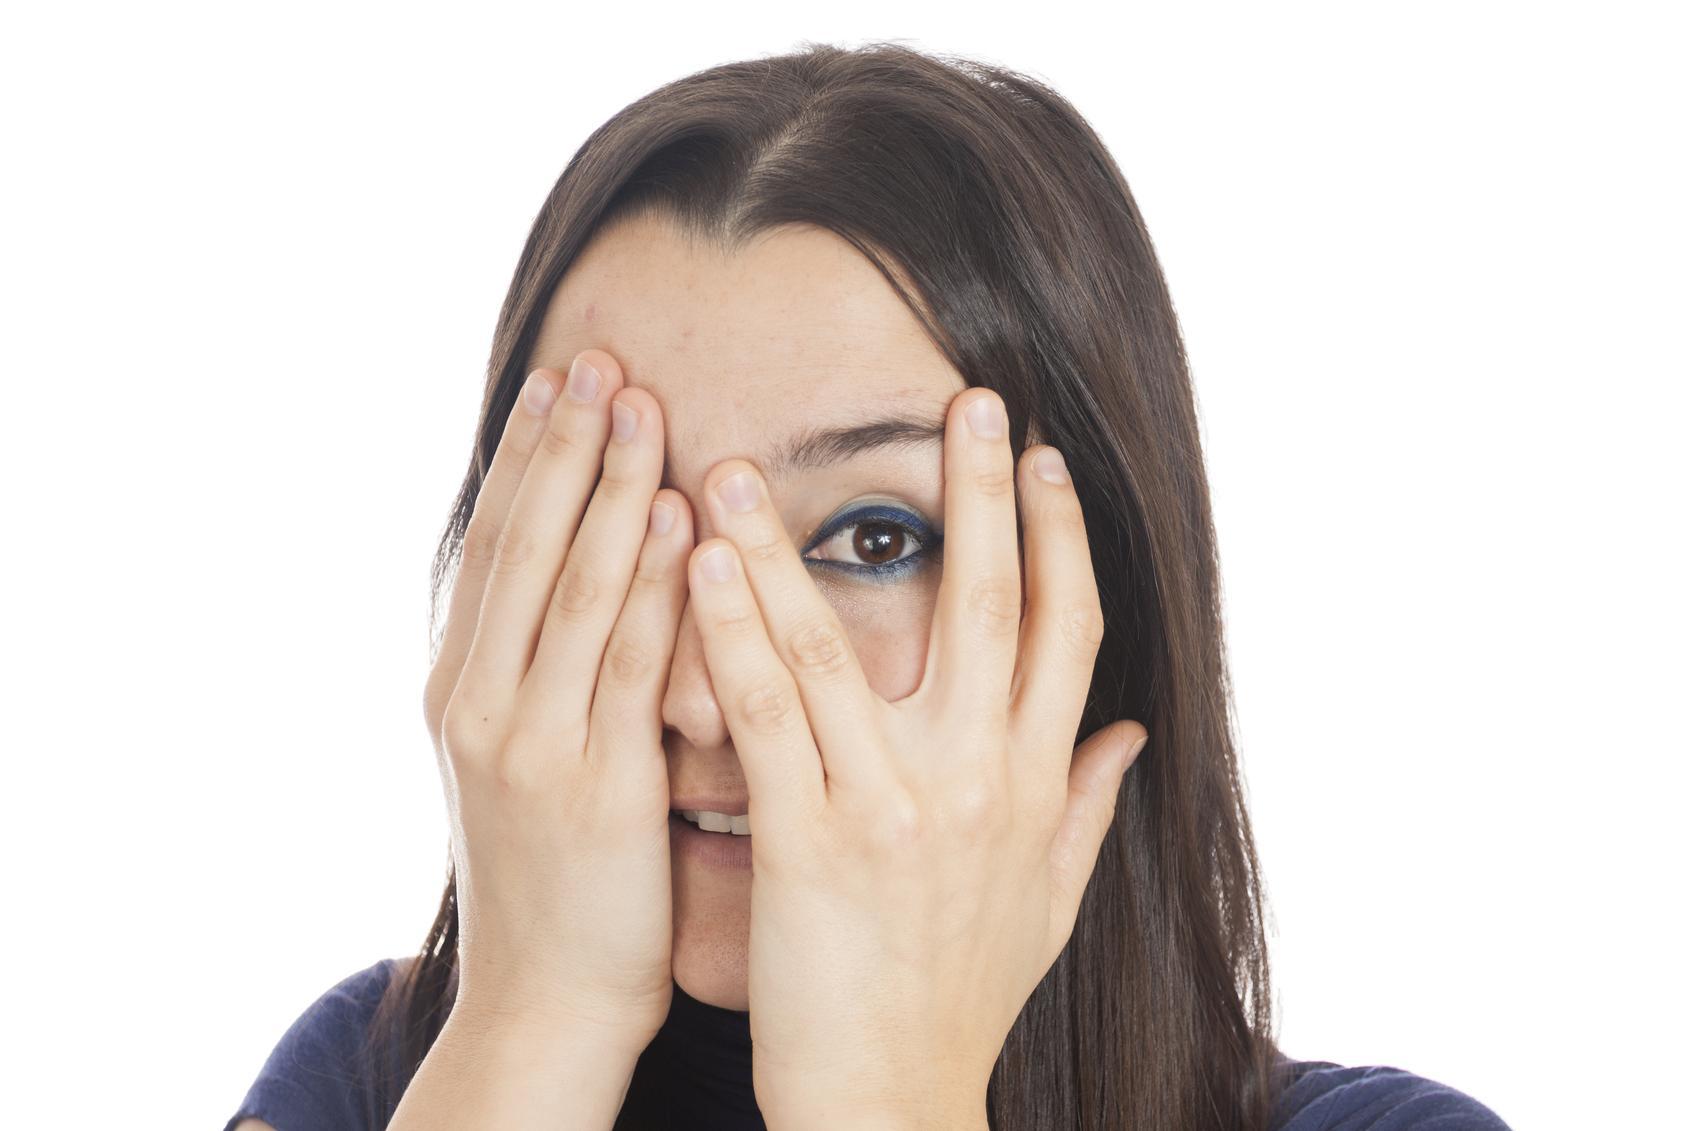 Mujer morena tapándose un ojo y destapándose otro